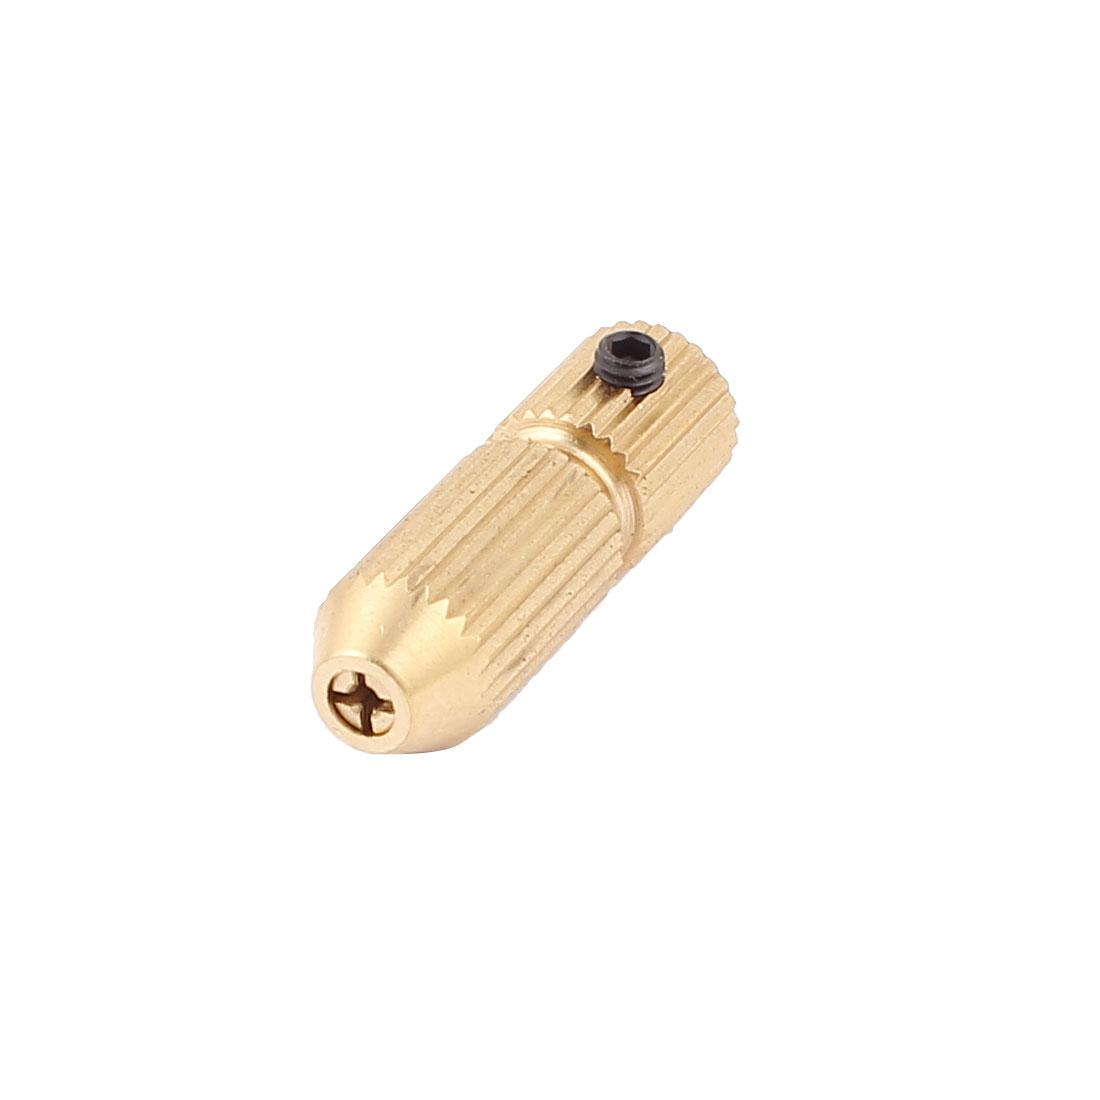 2mm-1.2mm Barss Self-Locking Small Electric Drill Chuck Twist Mini Collet w L Bar